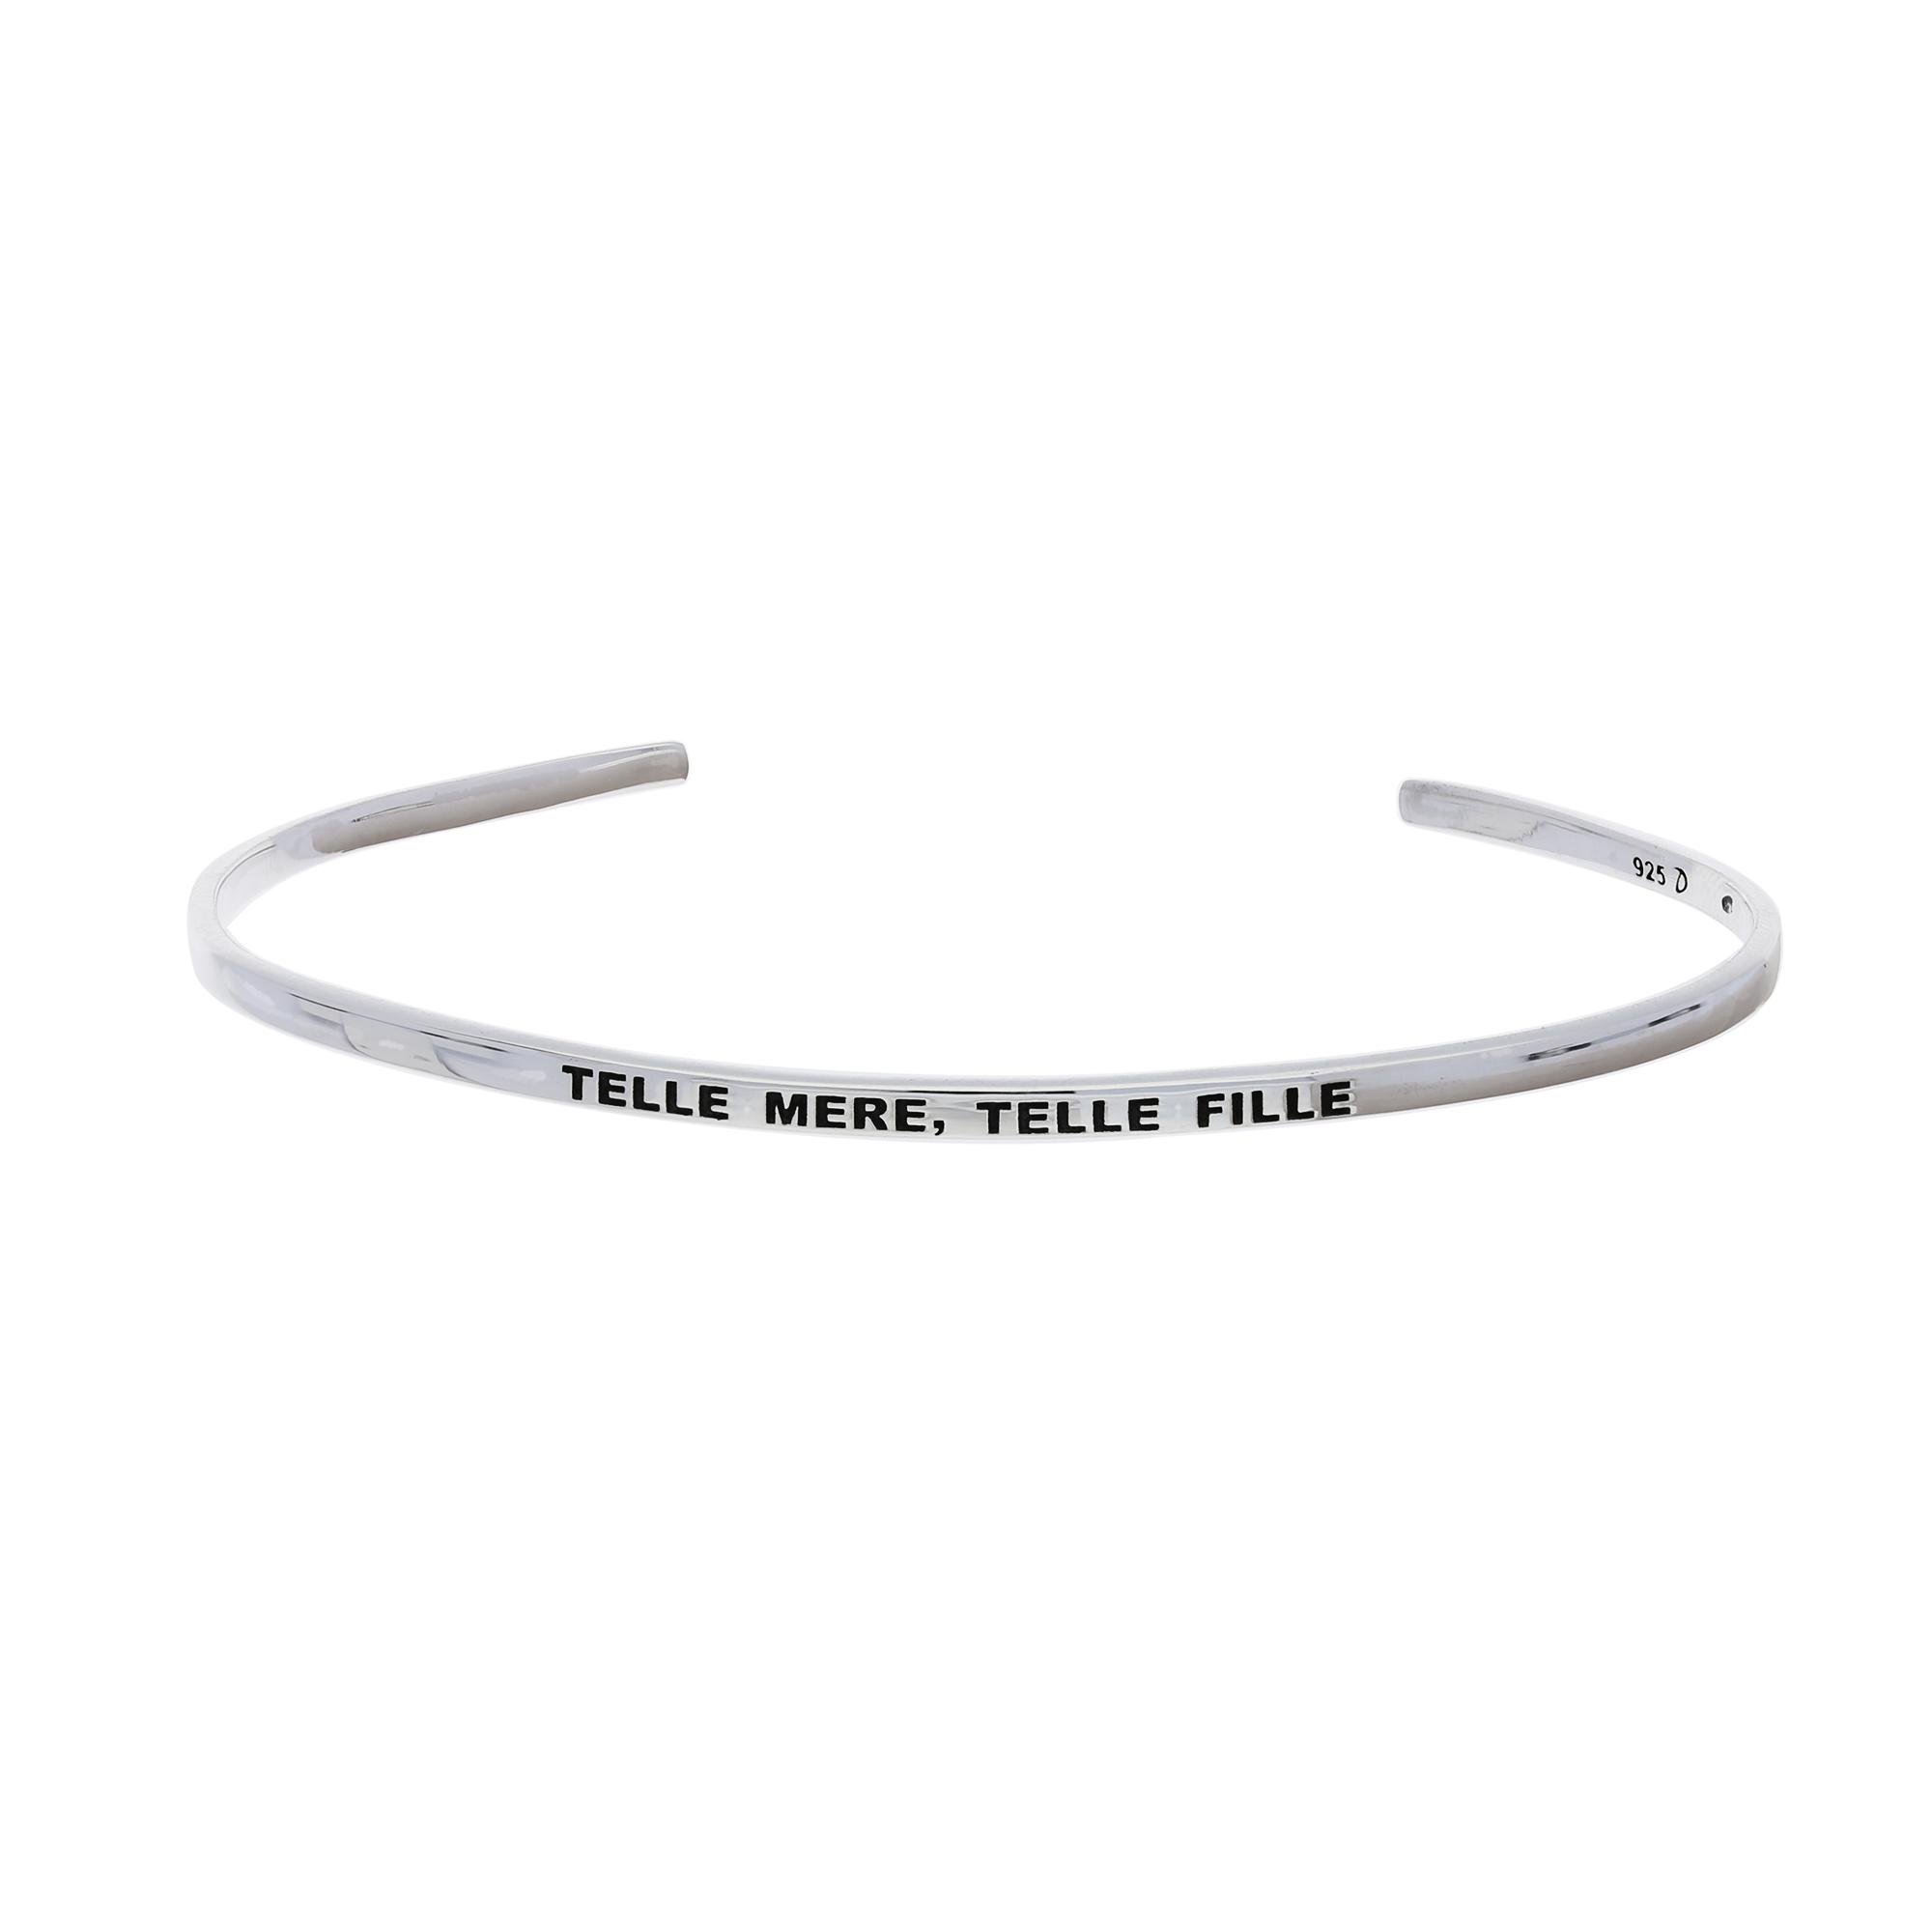 Extrêmement BRACELETS - Bracelets Messages - DORIANE Bijoux UZ56